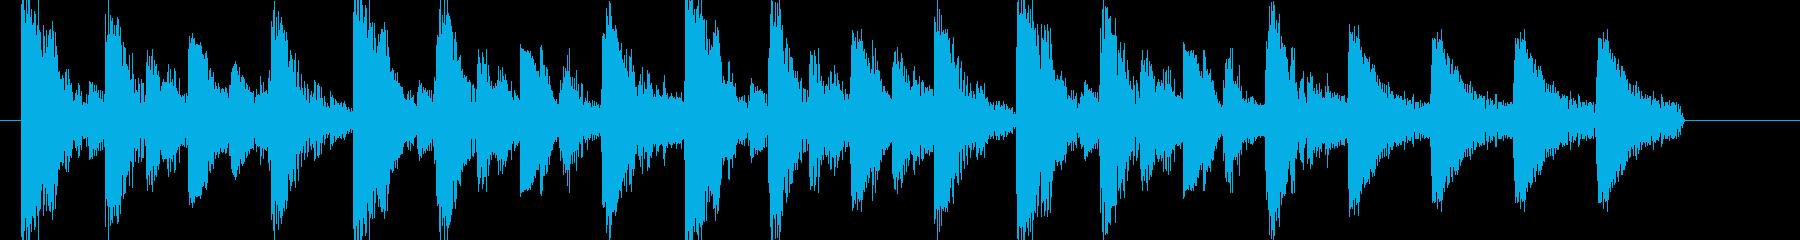 ジャジーでおしゃれなアイキャッチジングルの再生済みの波形